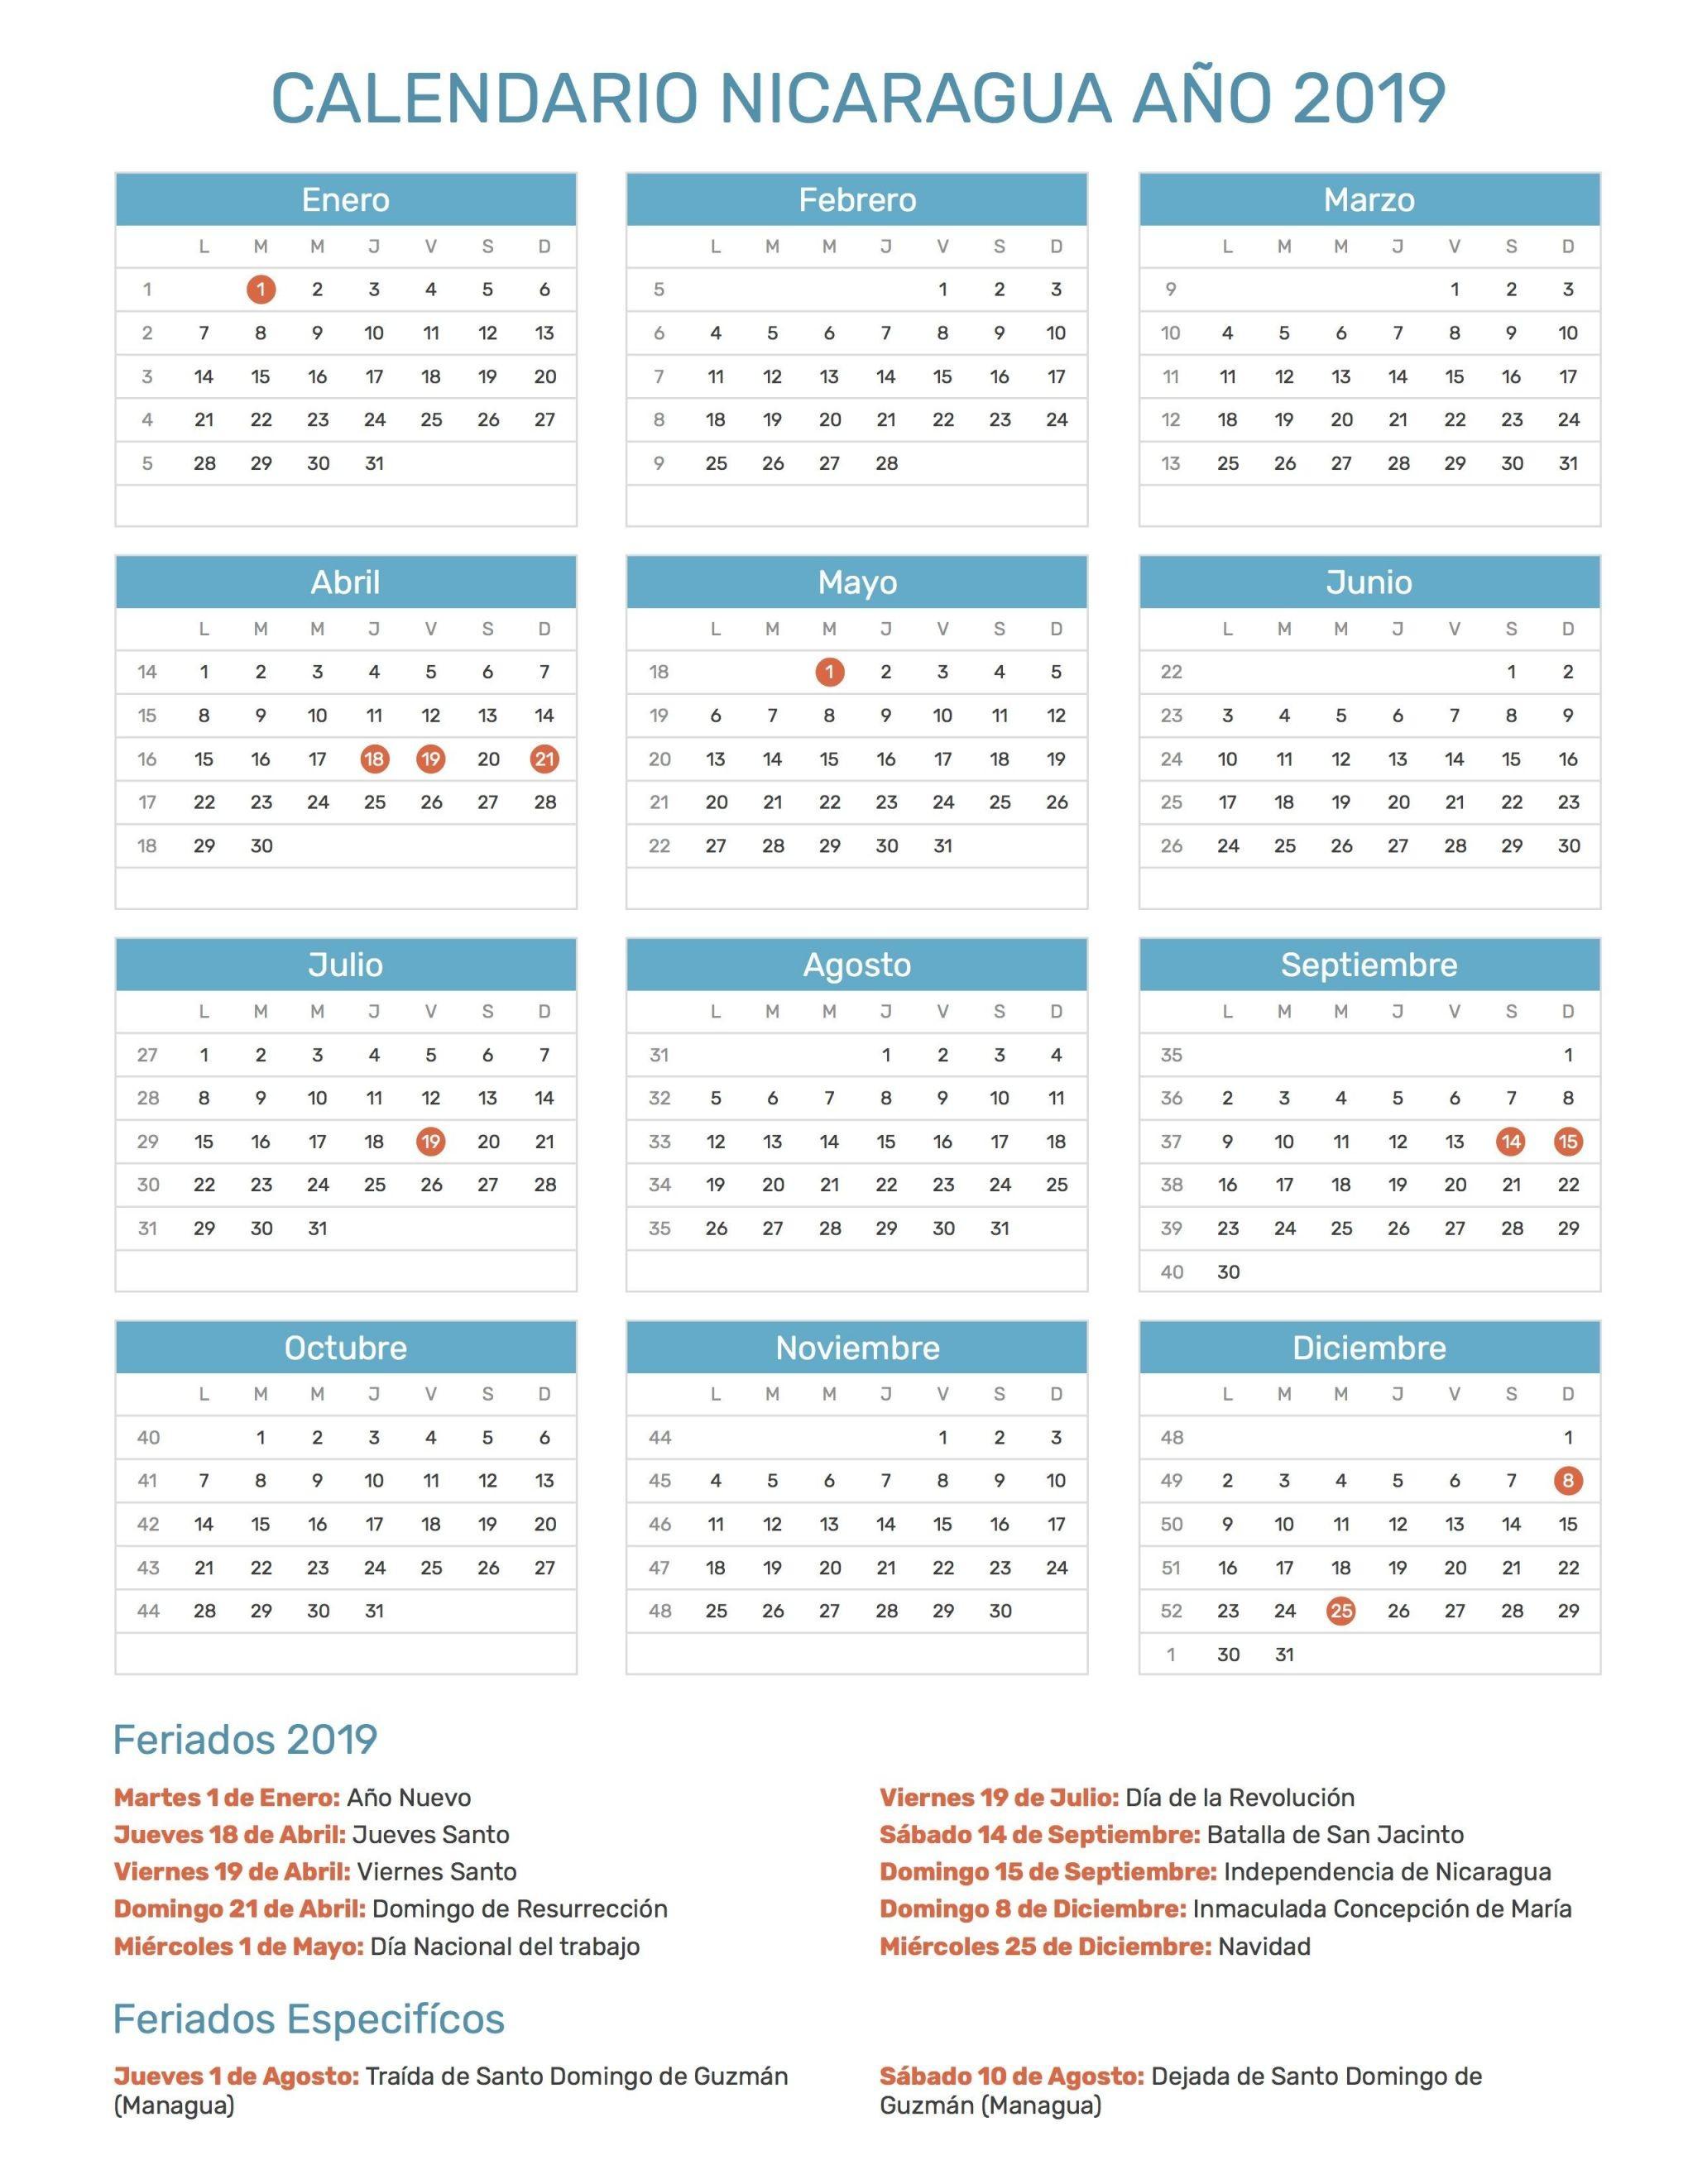 2017 · Beautiful Calendario De Nicaragua Con Feriados Nacionales A±o 2019 Incl Calendario Colombia Con Festivos